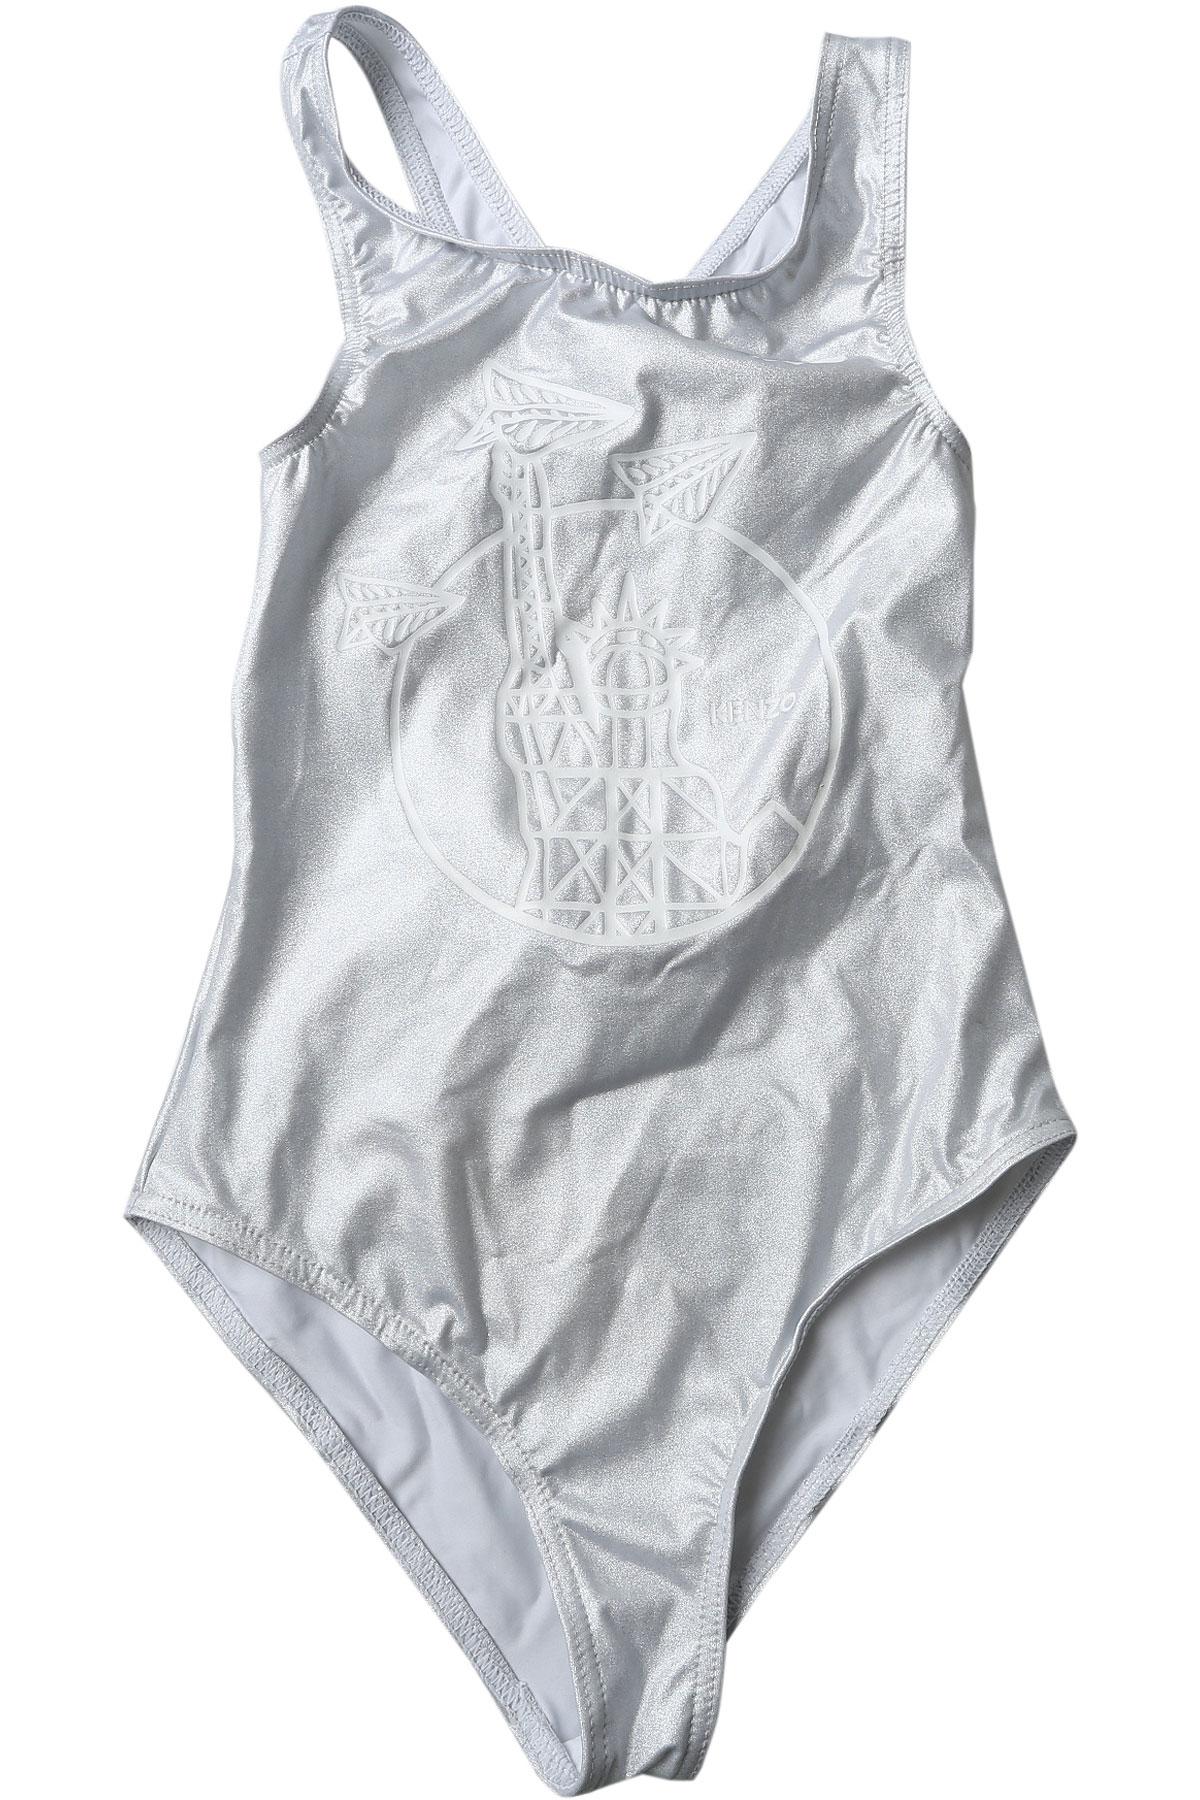 Image of Kenzo Swimwear On Sale, Silver, polyamide, 2017, 10Y 14Y 16Y